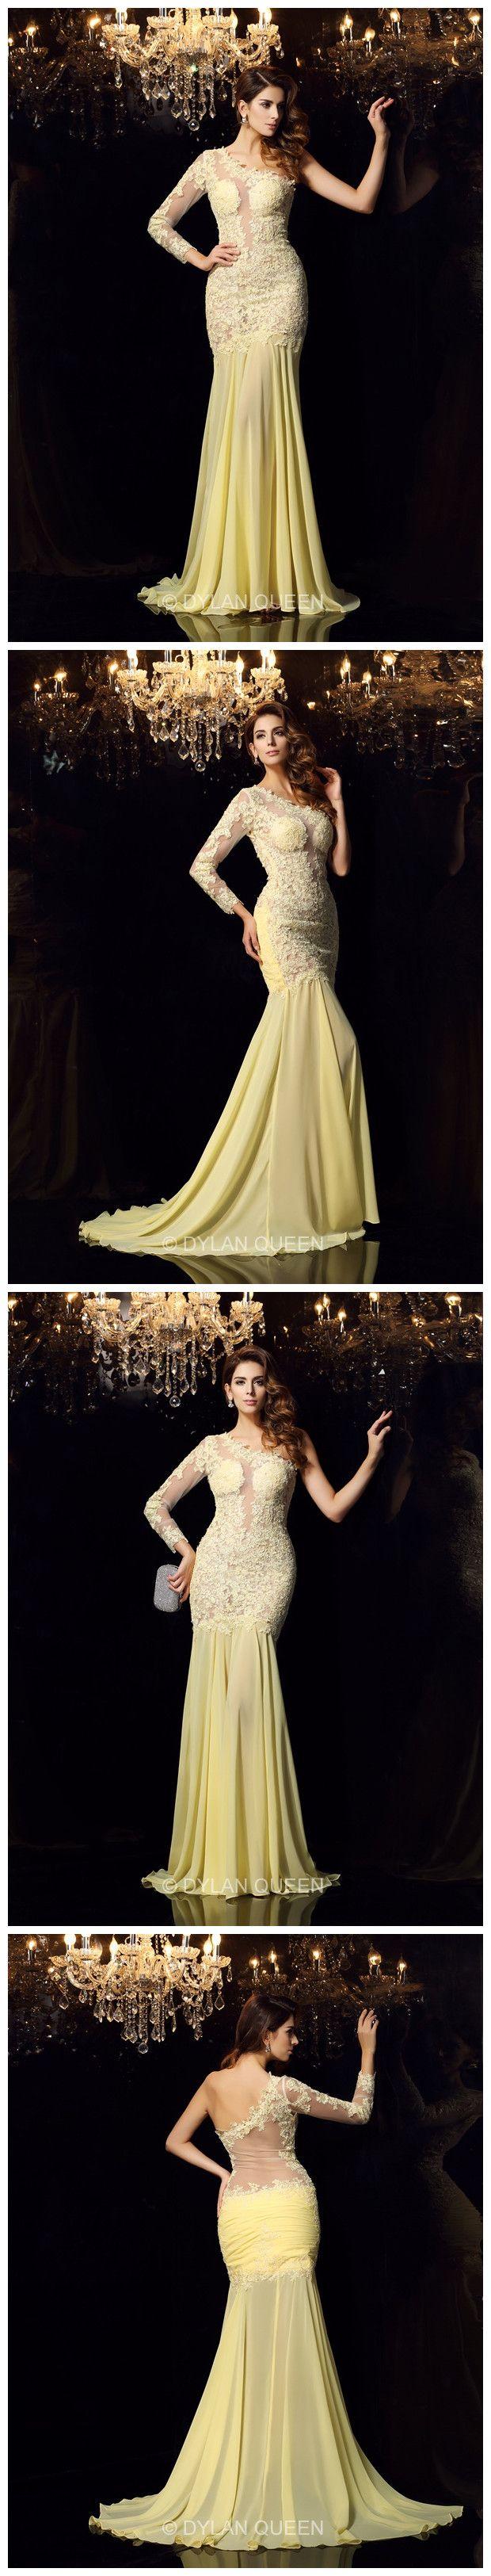 @dylanqueen evening dress evening dresses